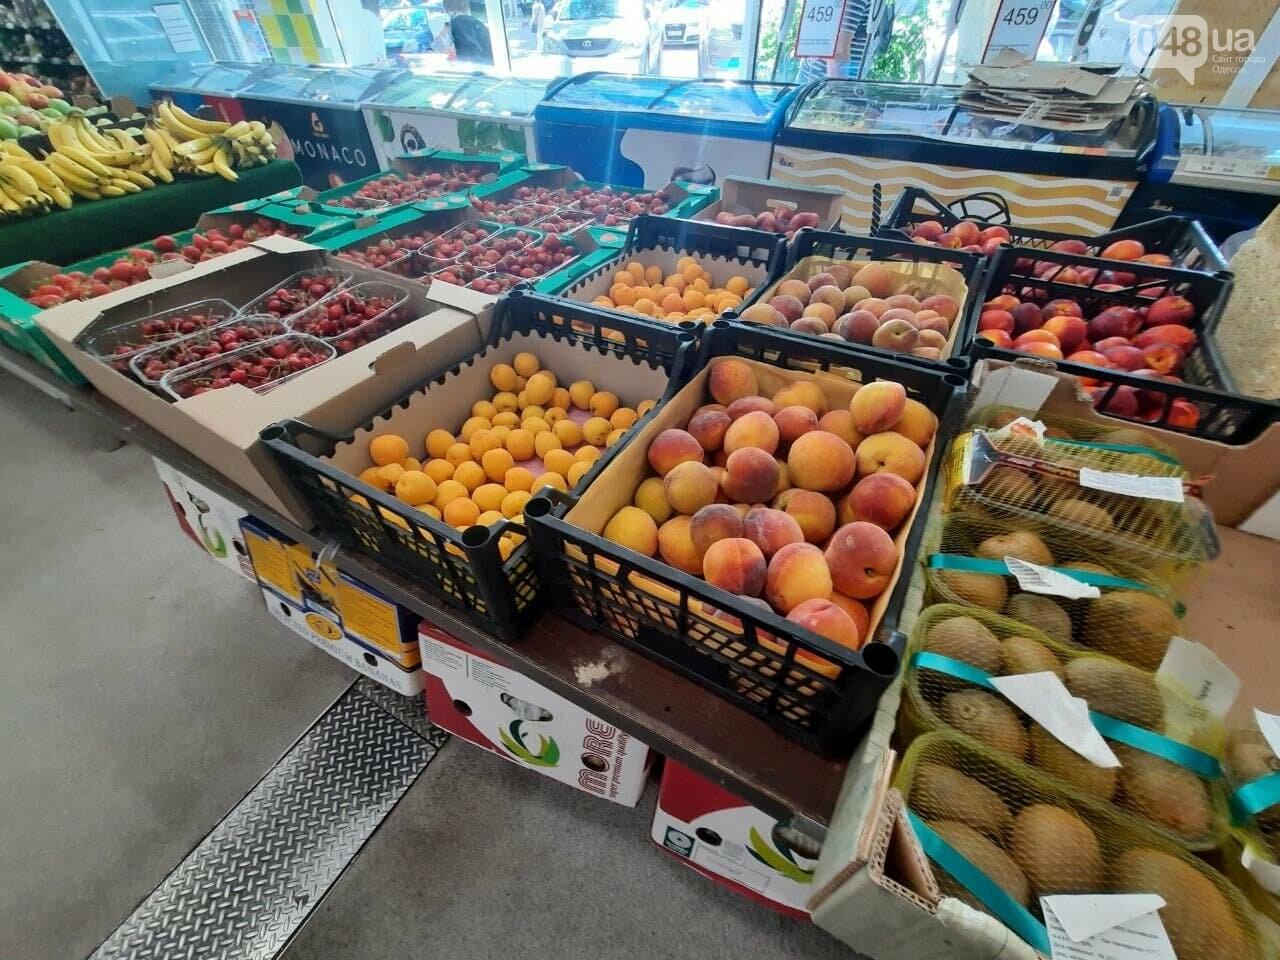 Клубника, черешня, нектарин: мониторинг цен на сезонные фрукты и ягоды в одесских супермаркетах, - ФОТО, фото-7